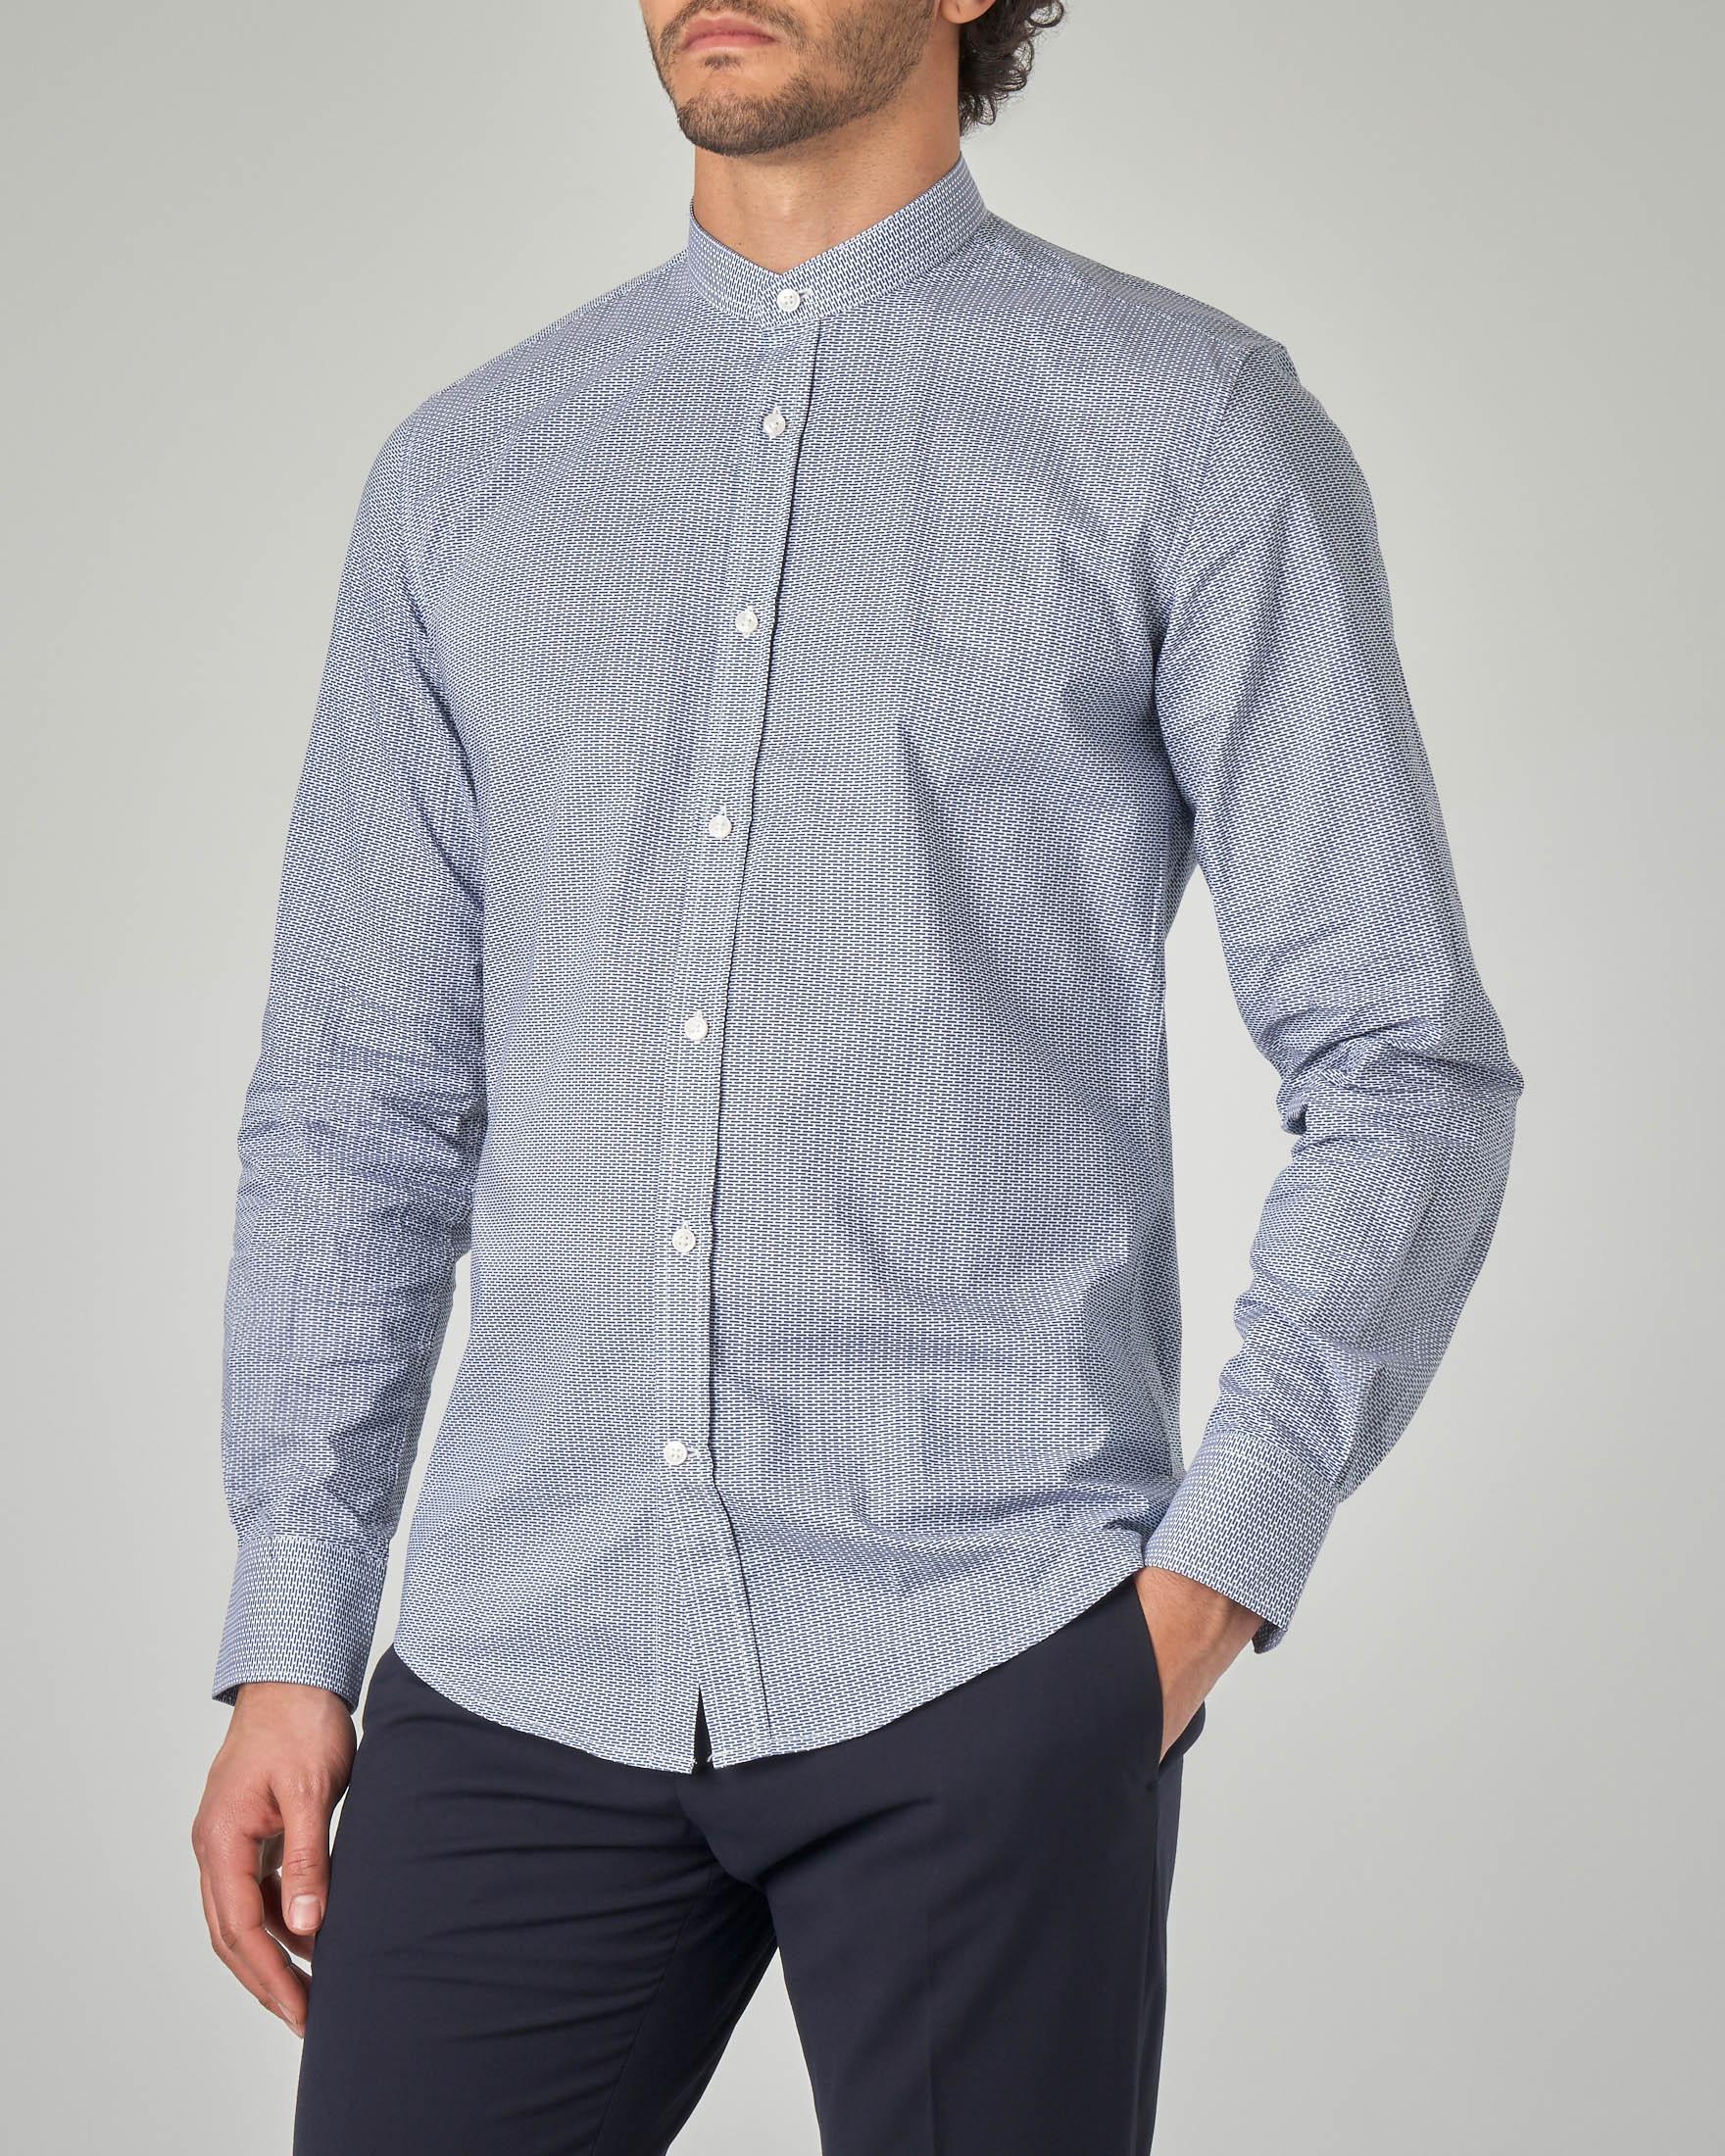 Camicia azzurra coreana a stampa geometrica